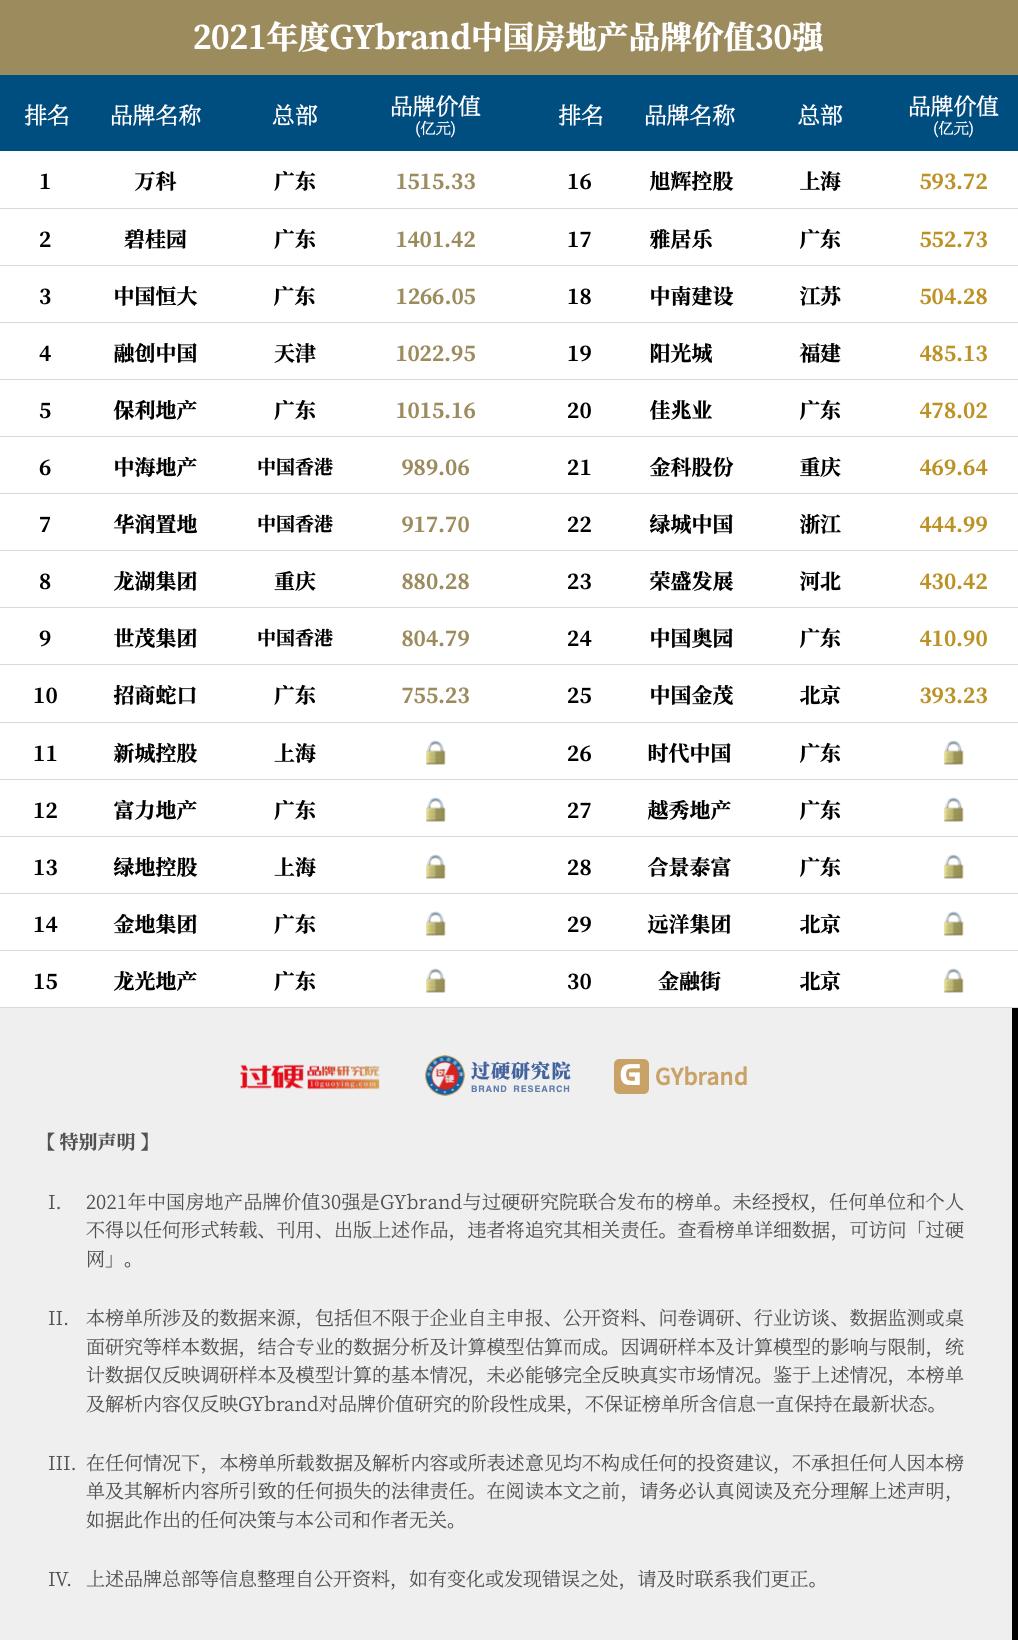 2021中国房地产排名30强名单